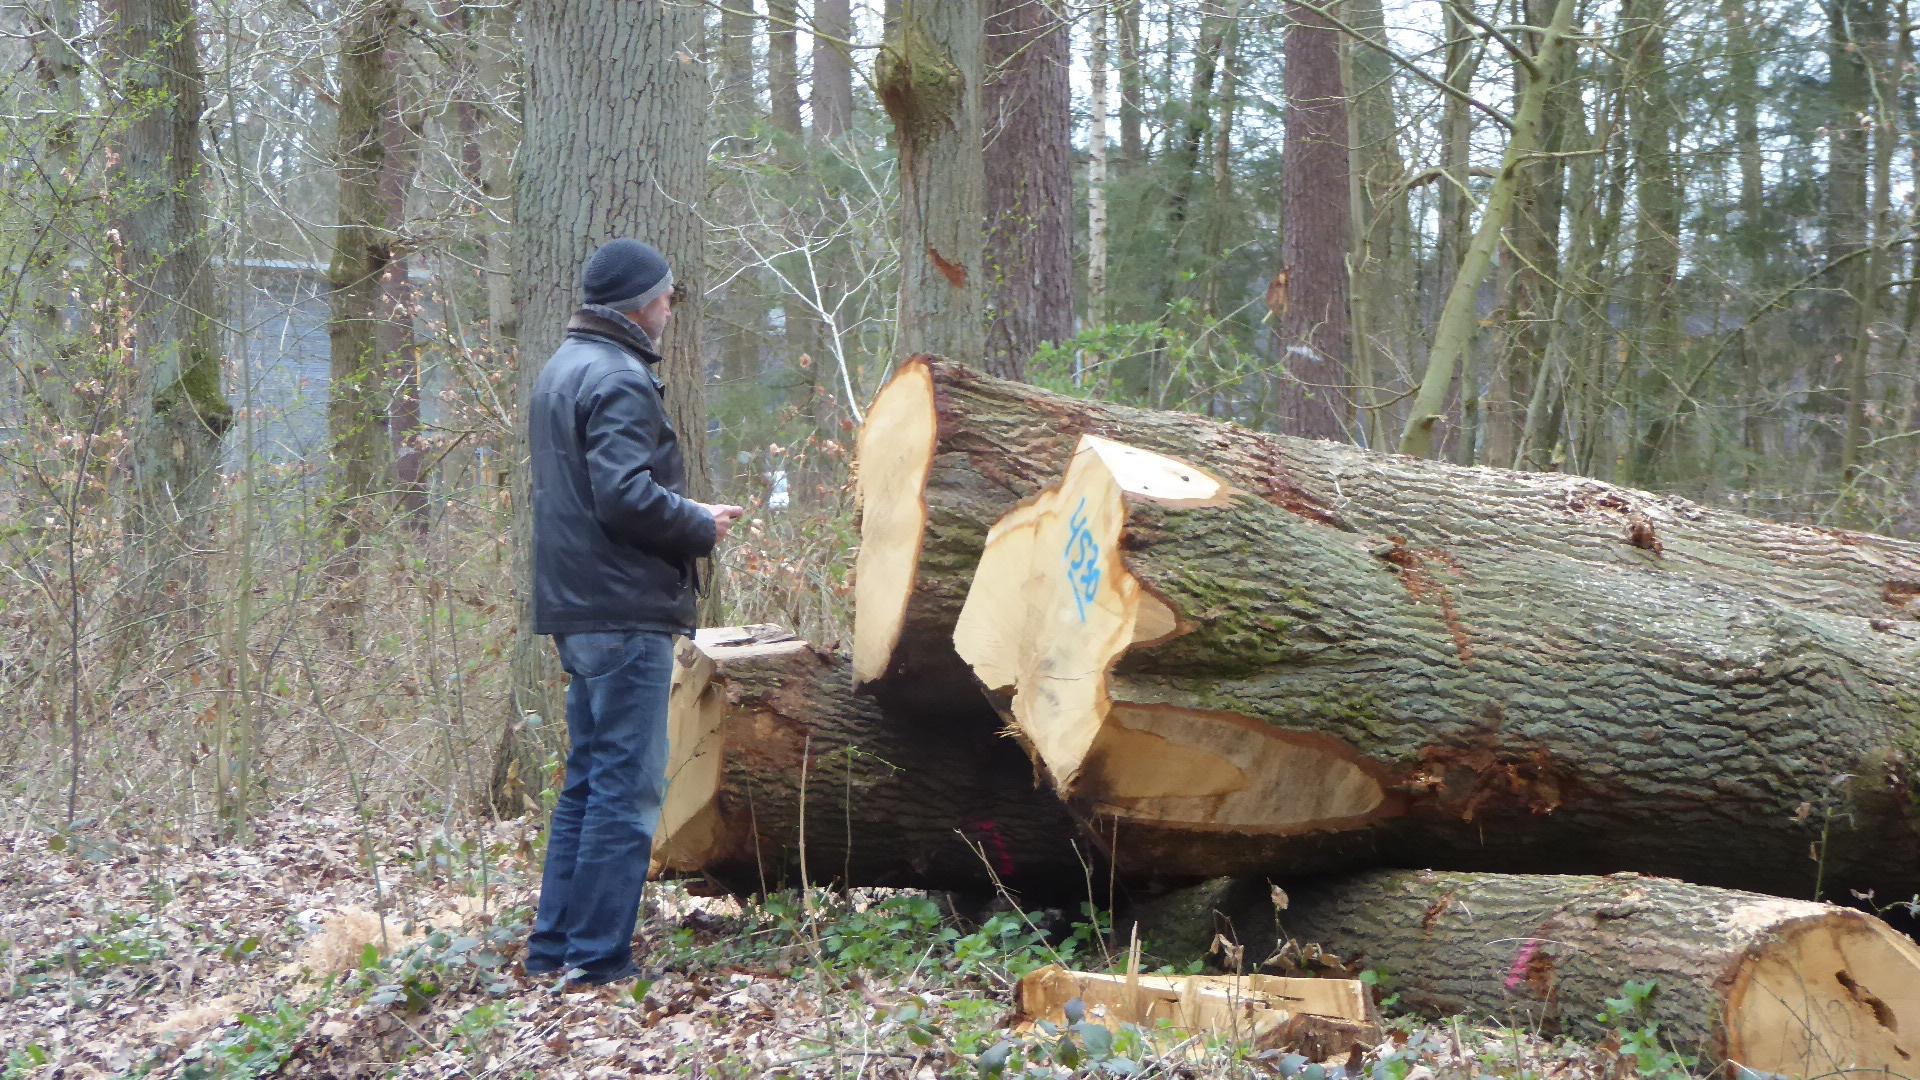 Niedersachsen - Zevener Ahe:  Forstwirtschaft auf dem Holzweg